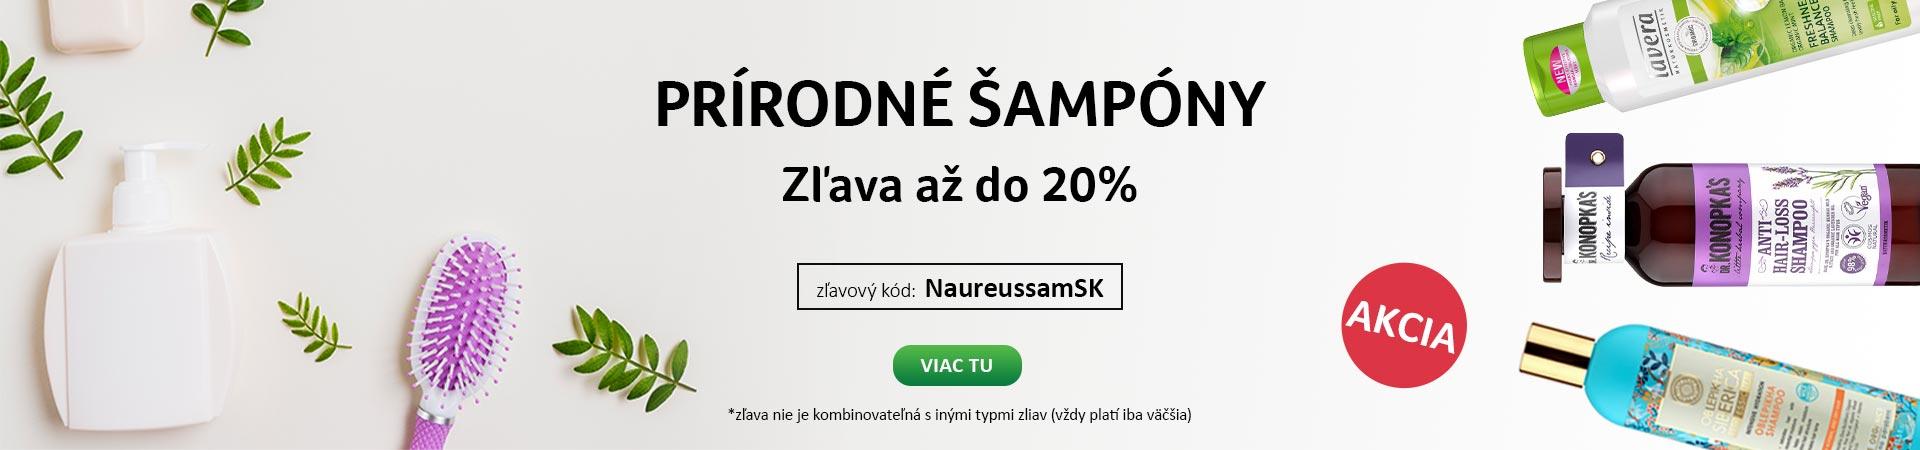 20% zľava na Šampóny do 20.09.2020+ Doprava zadarmo s Liptavia a Ecohead